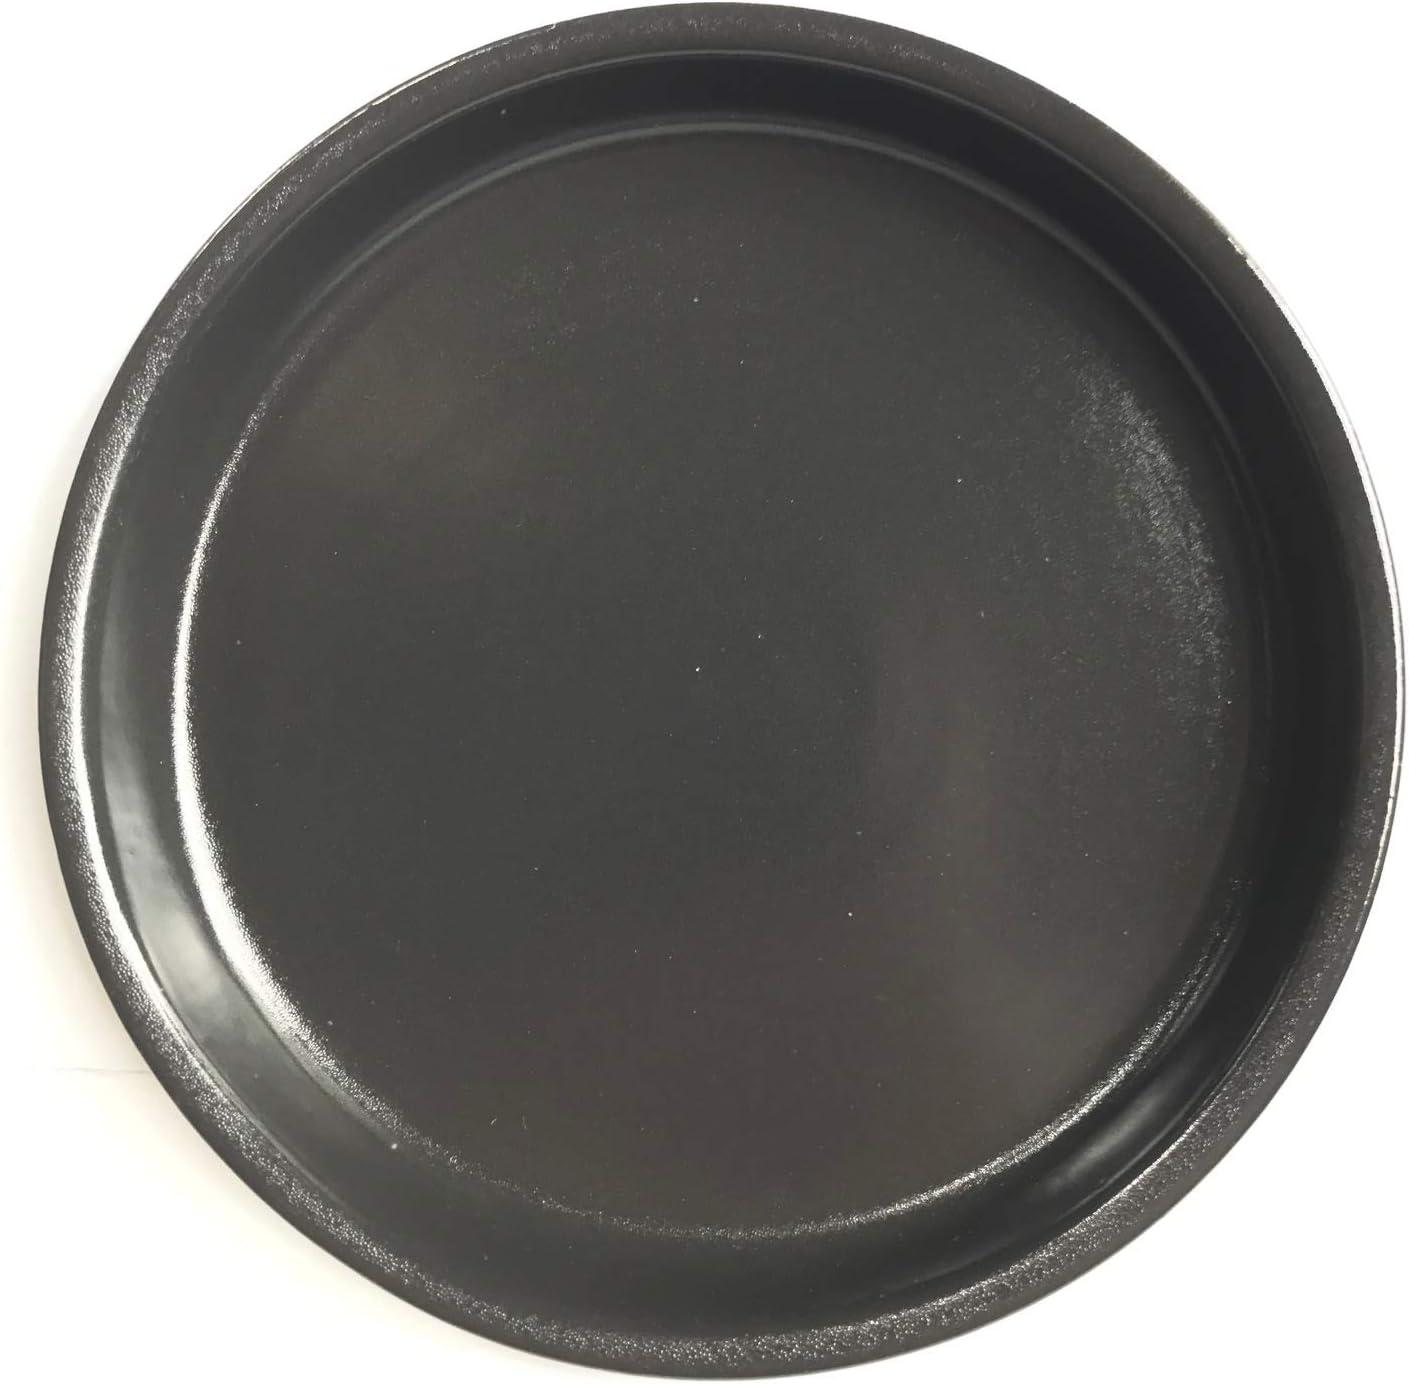 anthrazit aus Steinzeug hochwertige Keramik K/&K Unterschale//Untersetzer rund f/ür Blumentopf Venus II ohne und mit Henkel 28x20 cm /Ø 23 cm